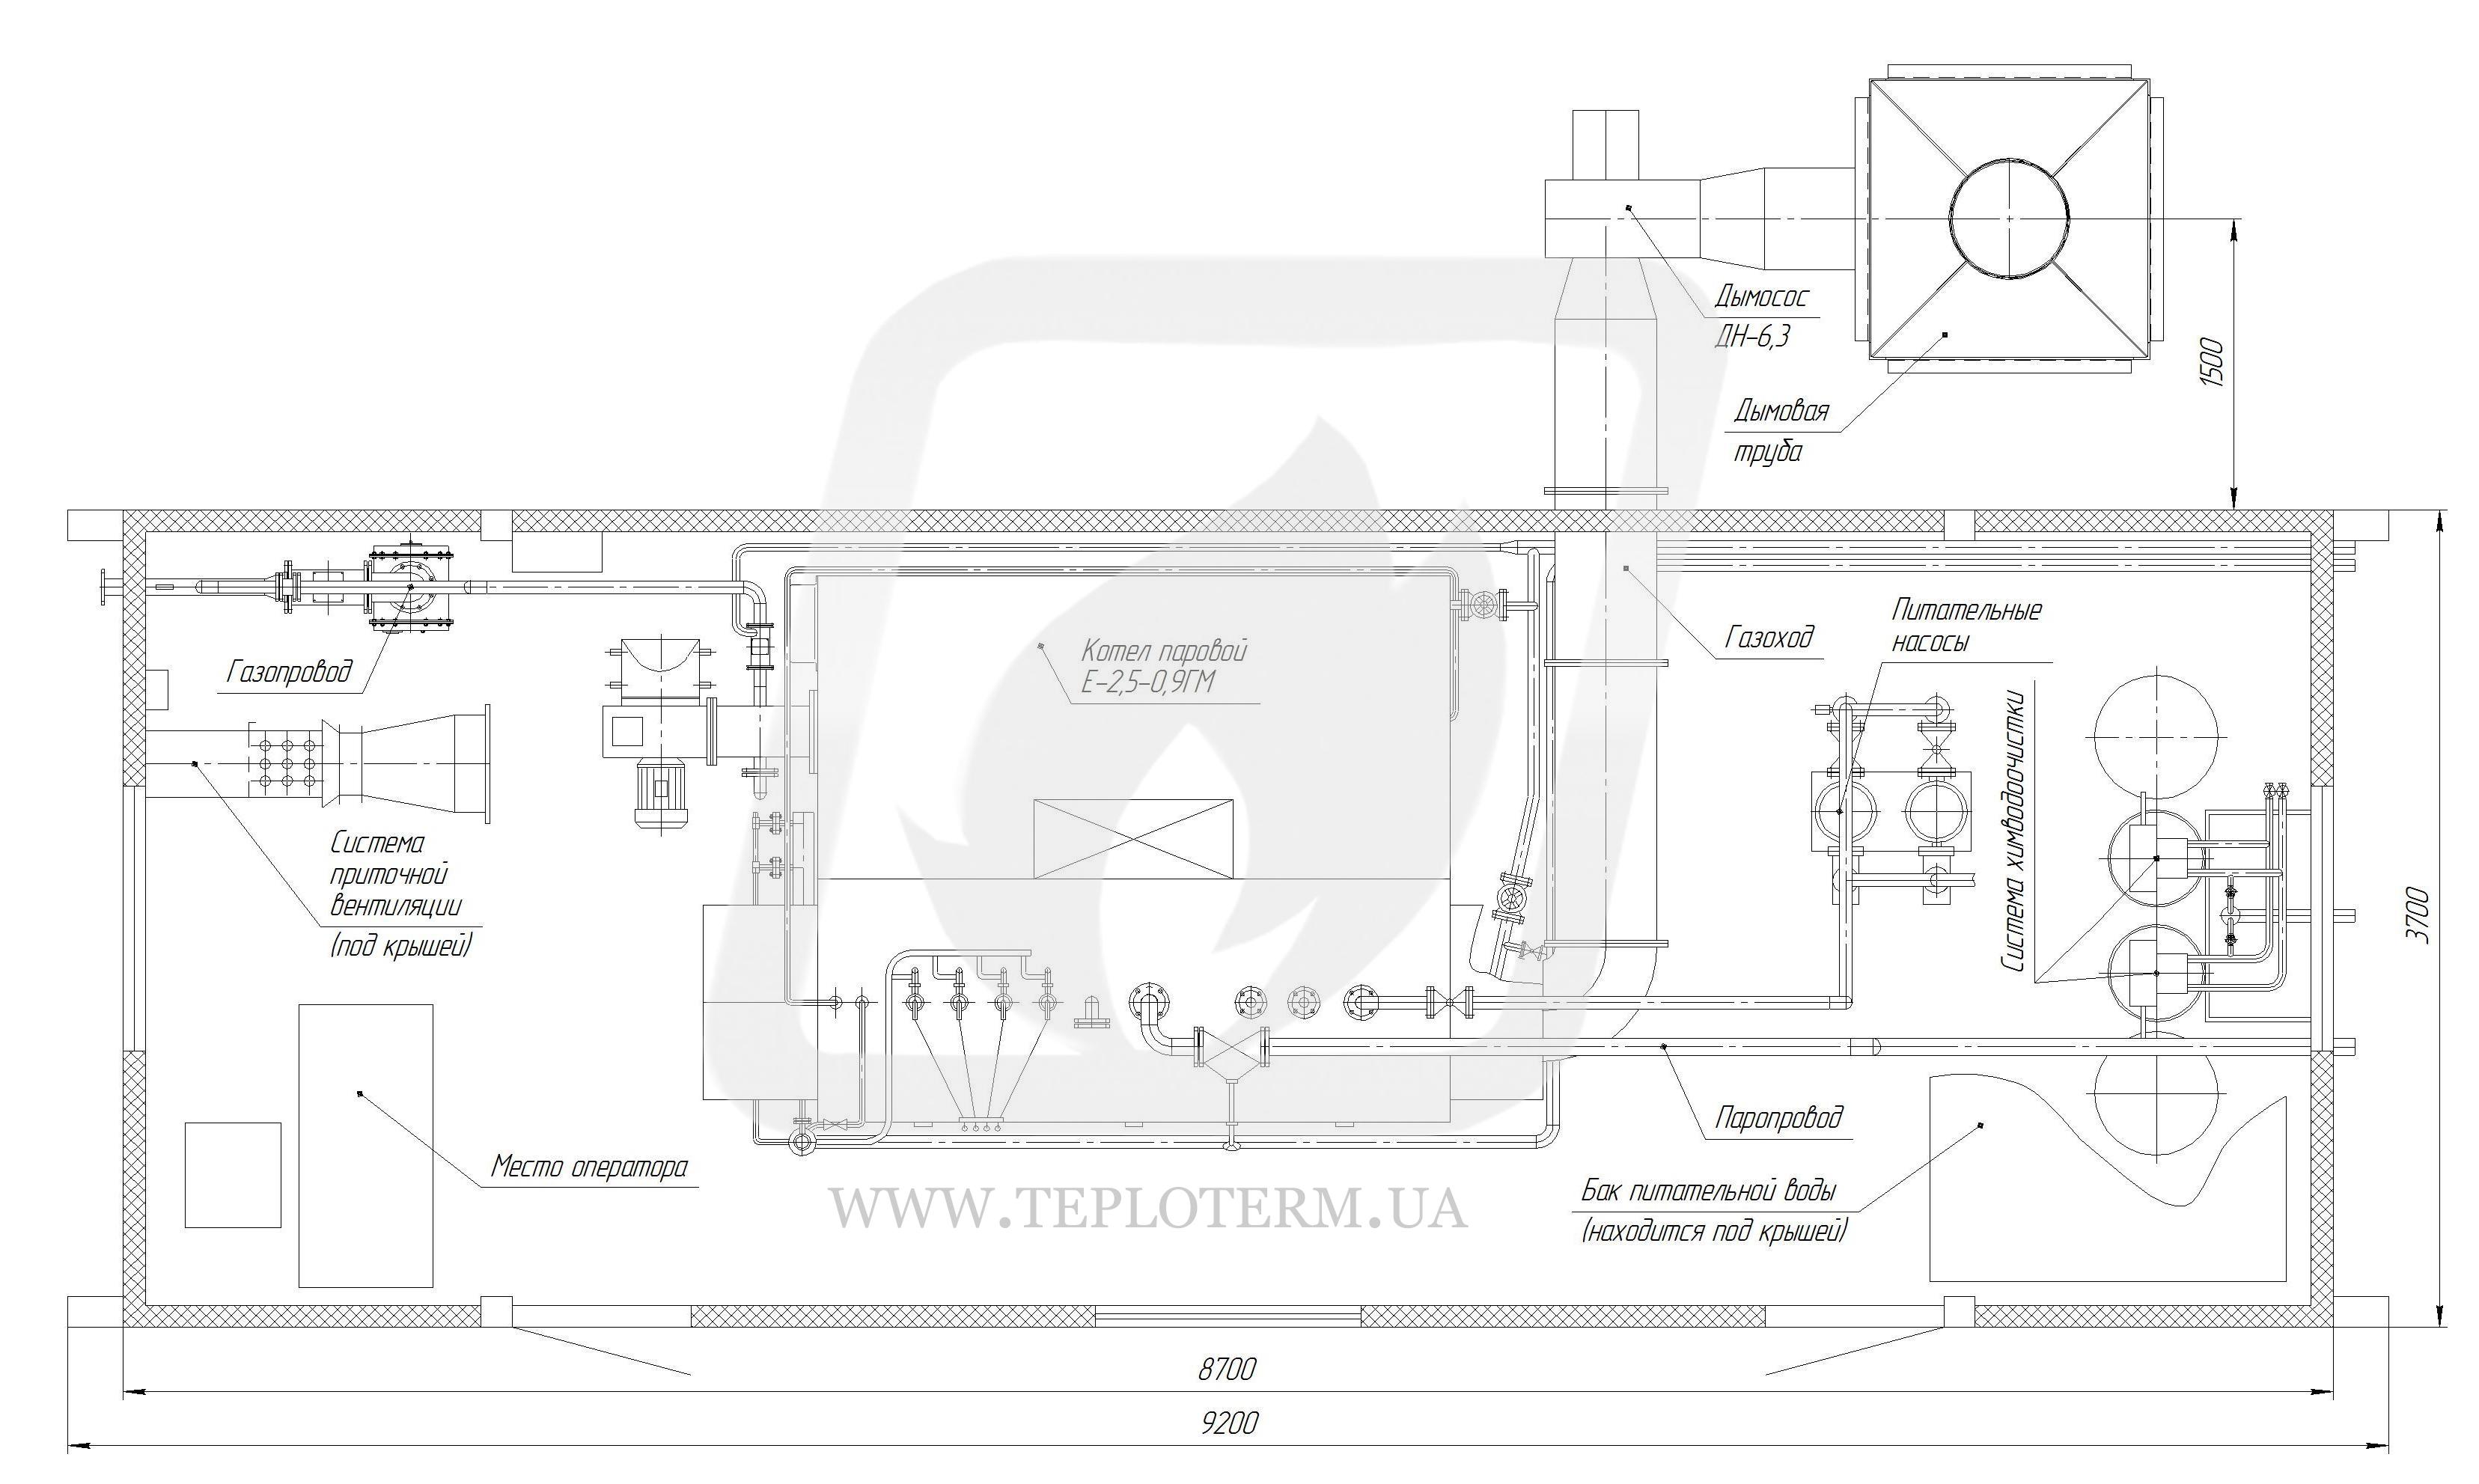 опросный лист паровая котельная газовик